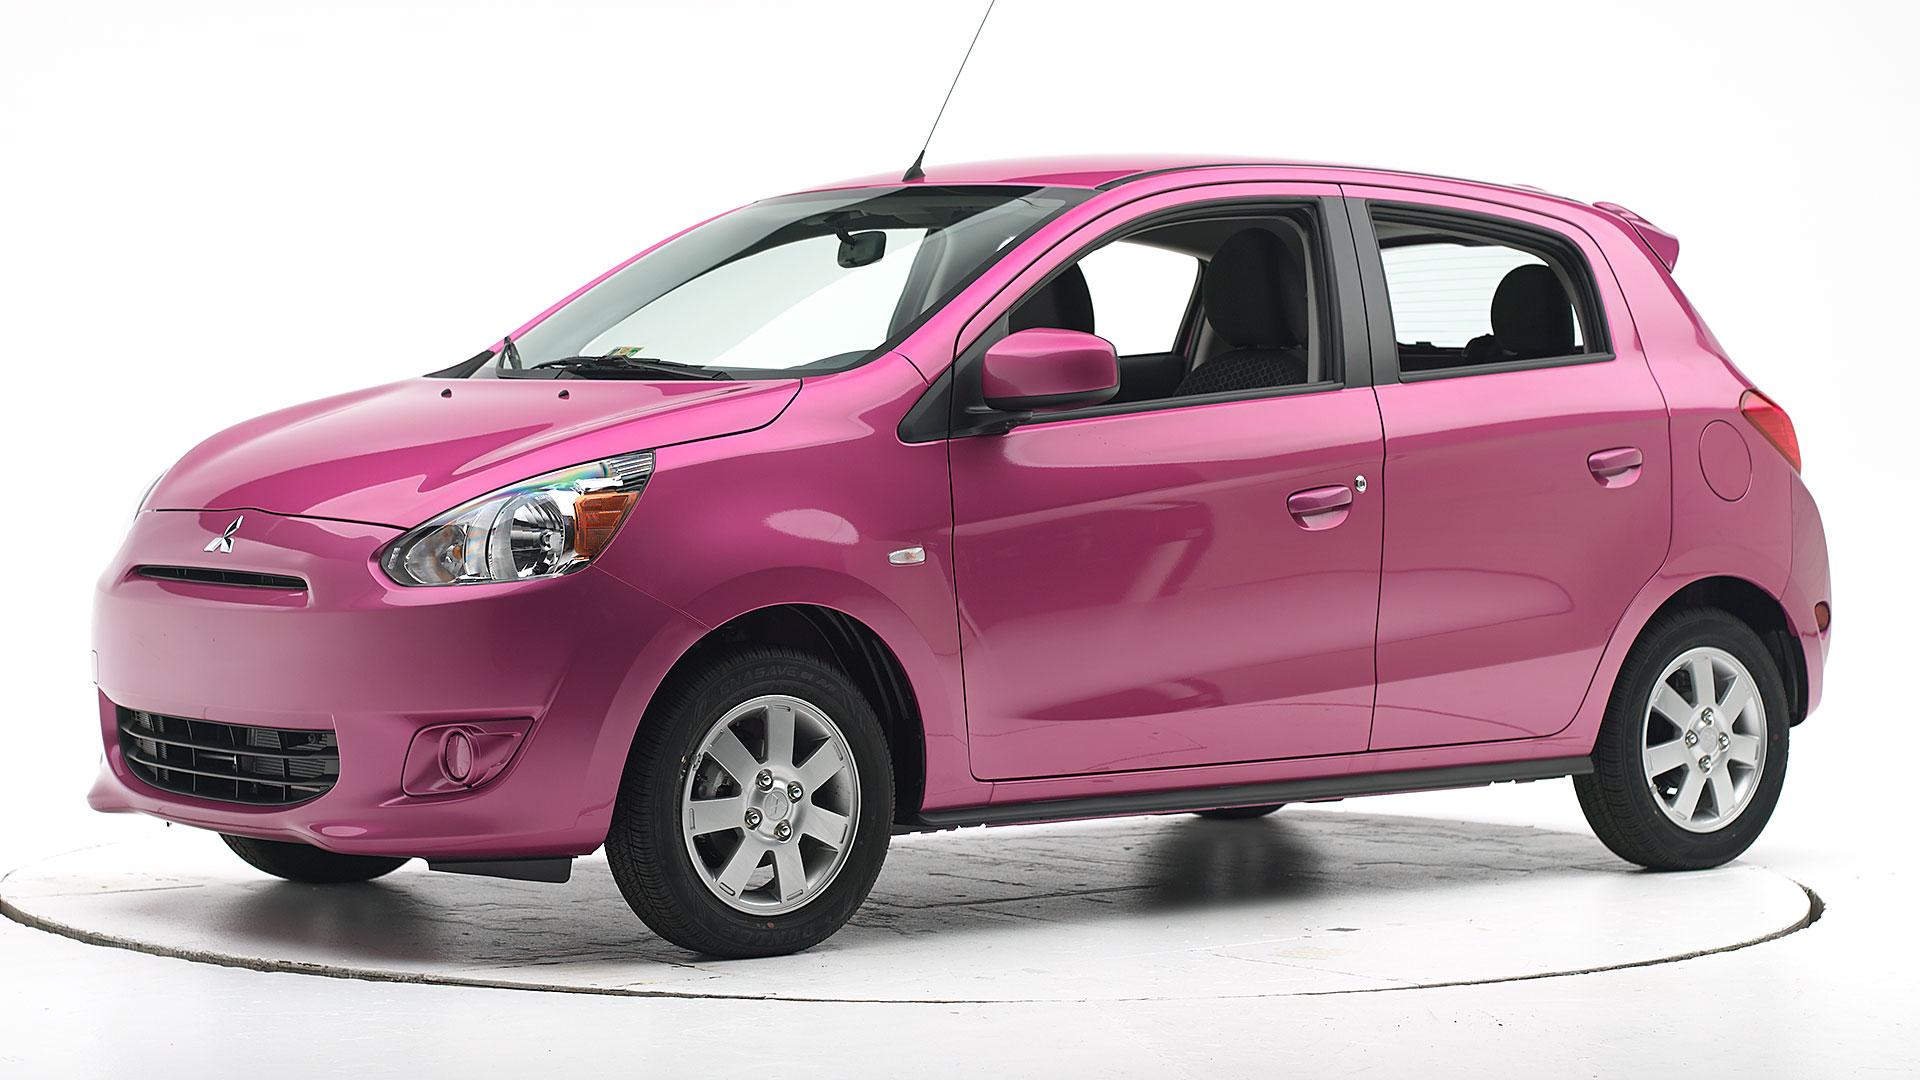 6 mẫu ô tô đầy màu sắc giá bán dưới 500 triệu cho chị em vừa thích xe nhỏ vừa có màu ưng ý - Ảnh 10.